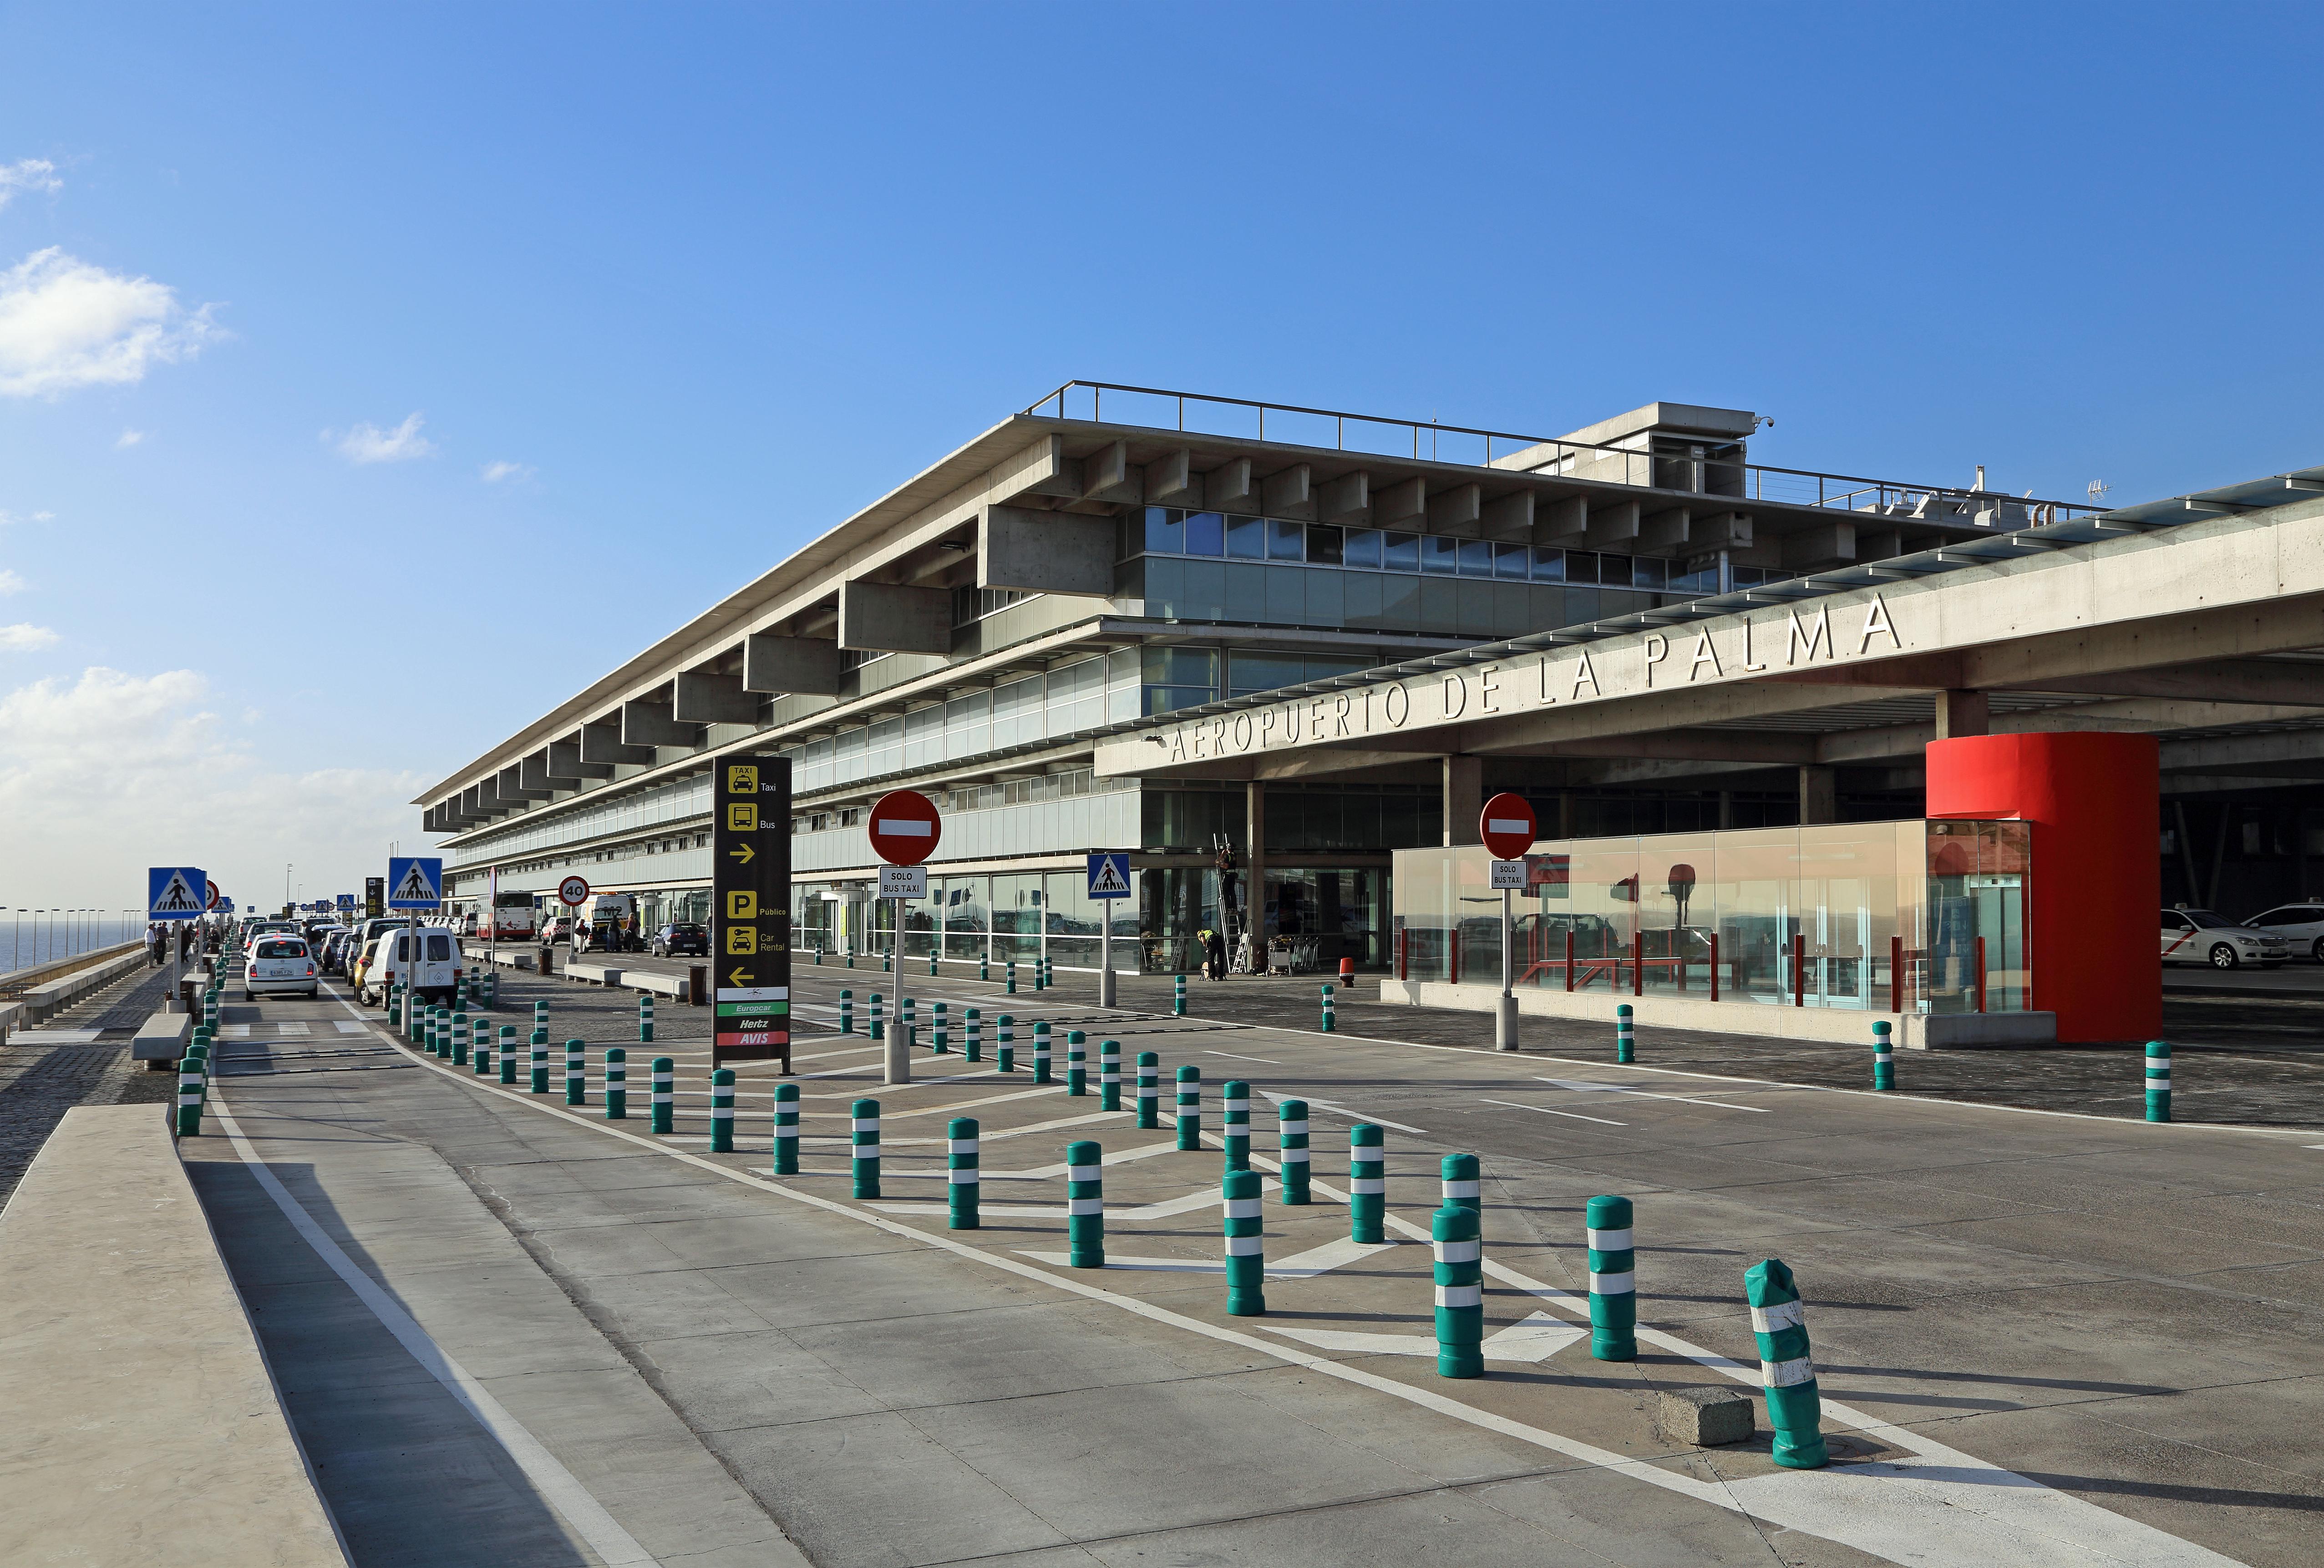 La Palma Airport Wikipedia